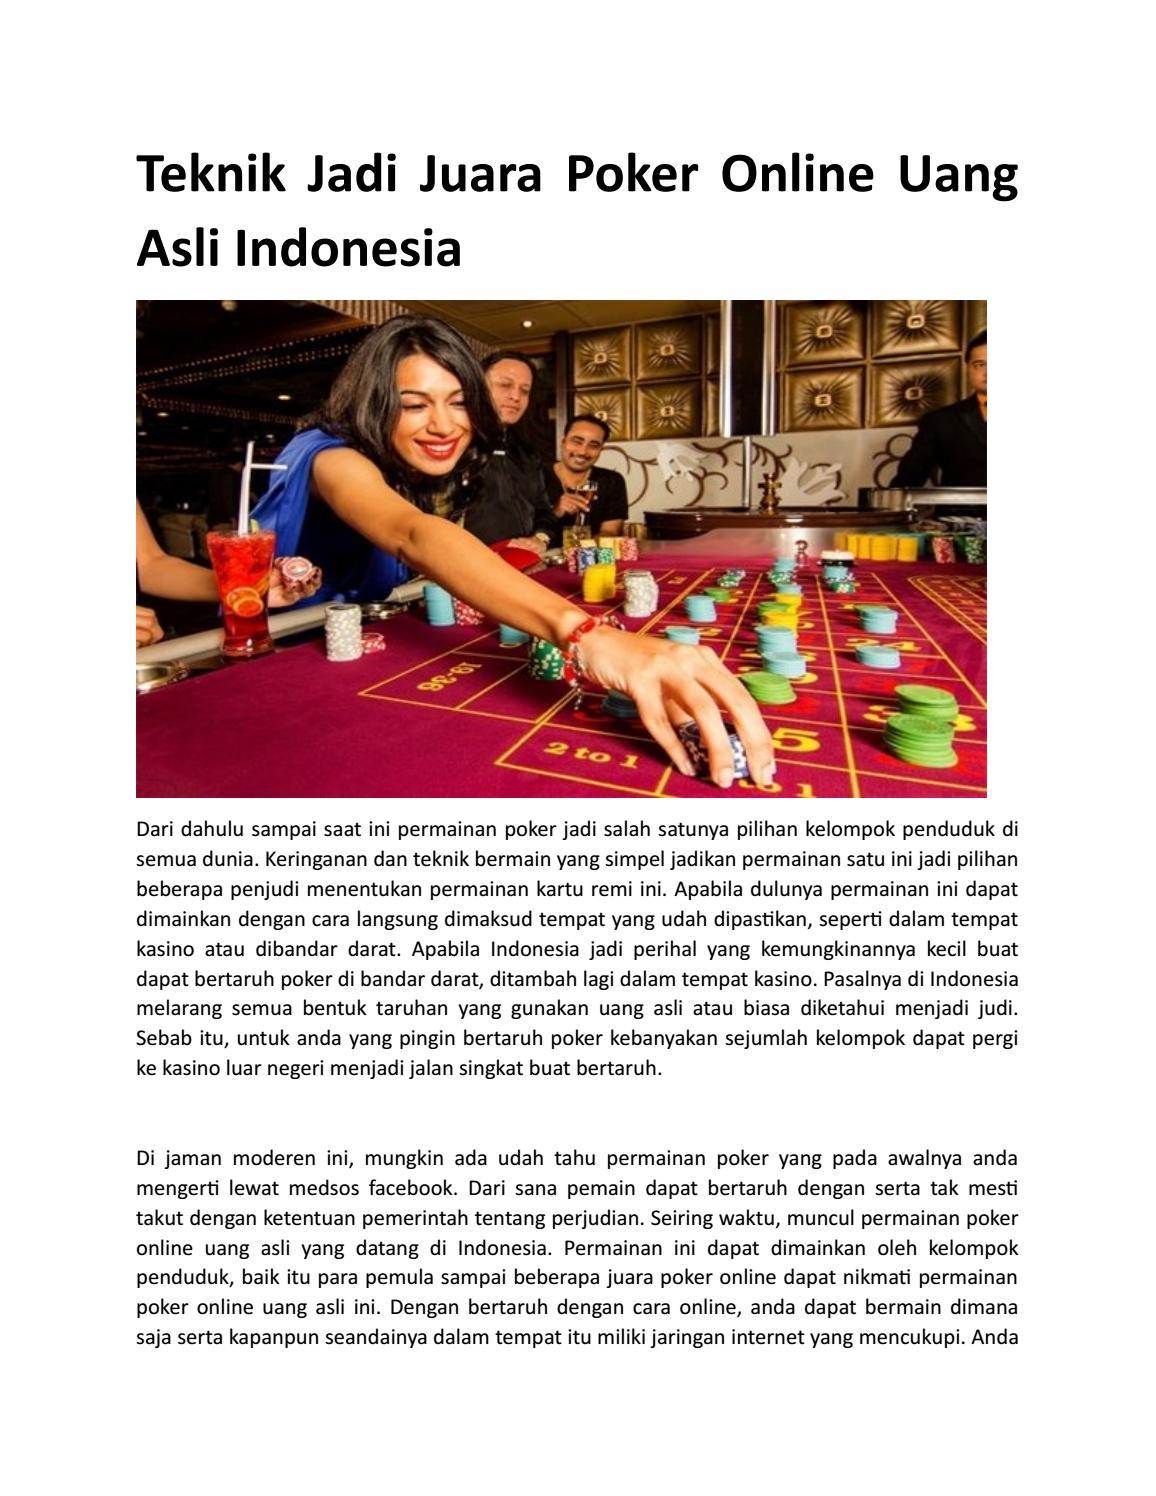 Teknik Jadi Juara Poker Online Uang Asli Indonesia Vebuka Com